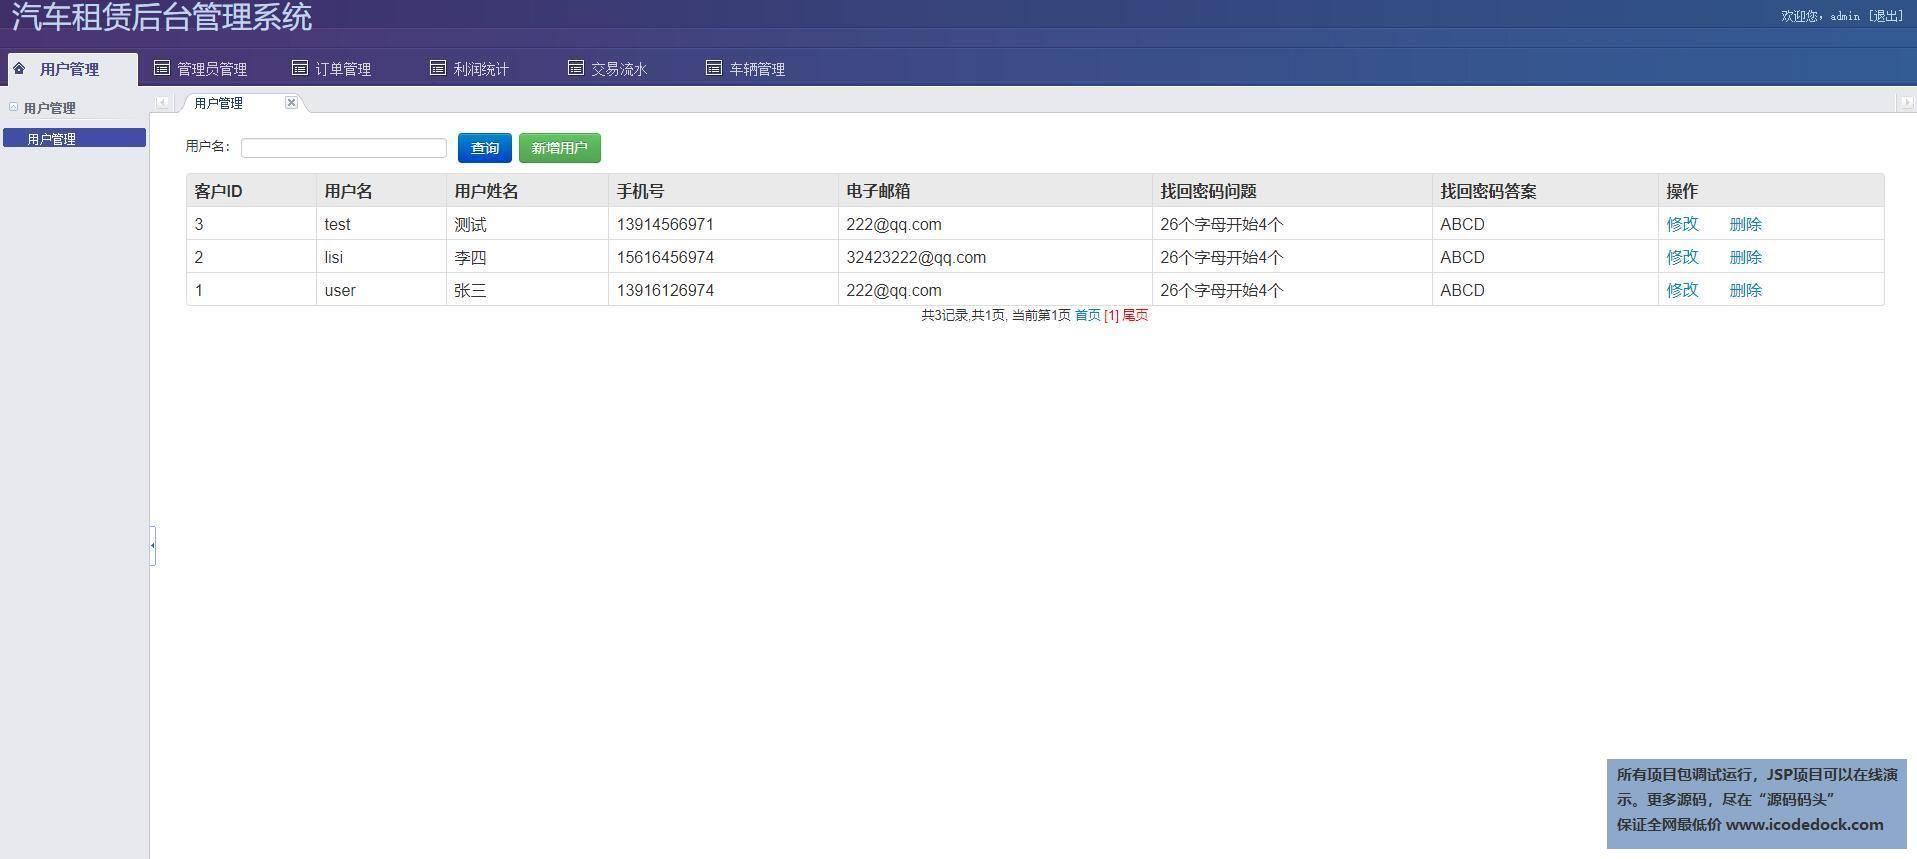 源码码头-SSH汽车出租平台租赁网站平台-管理员角色-用户管理